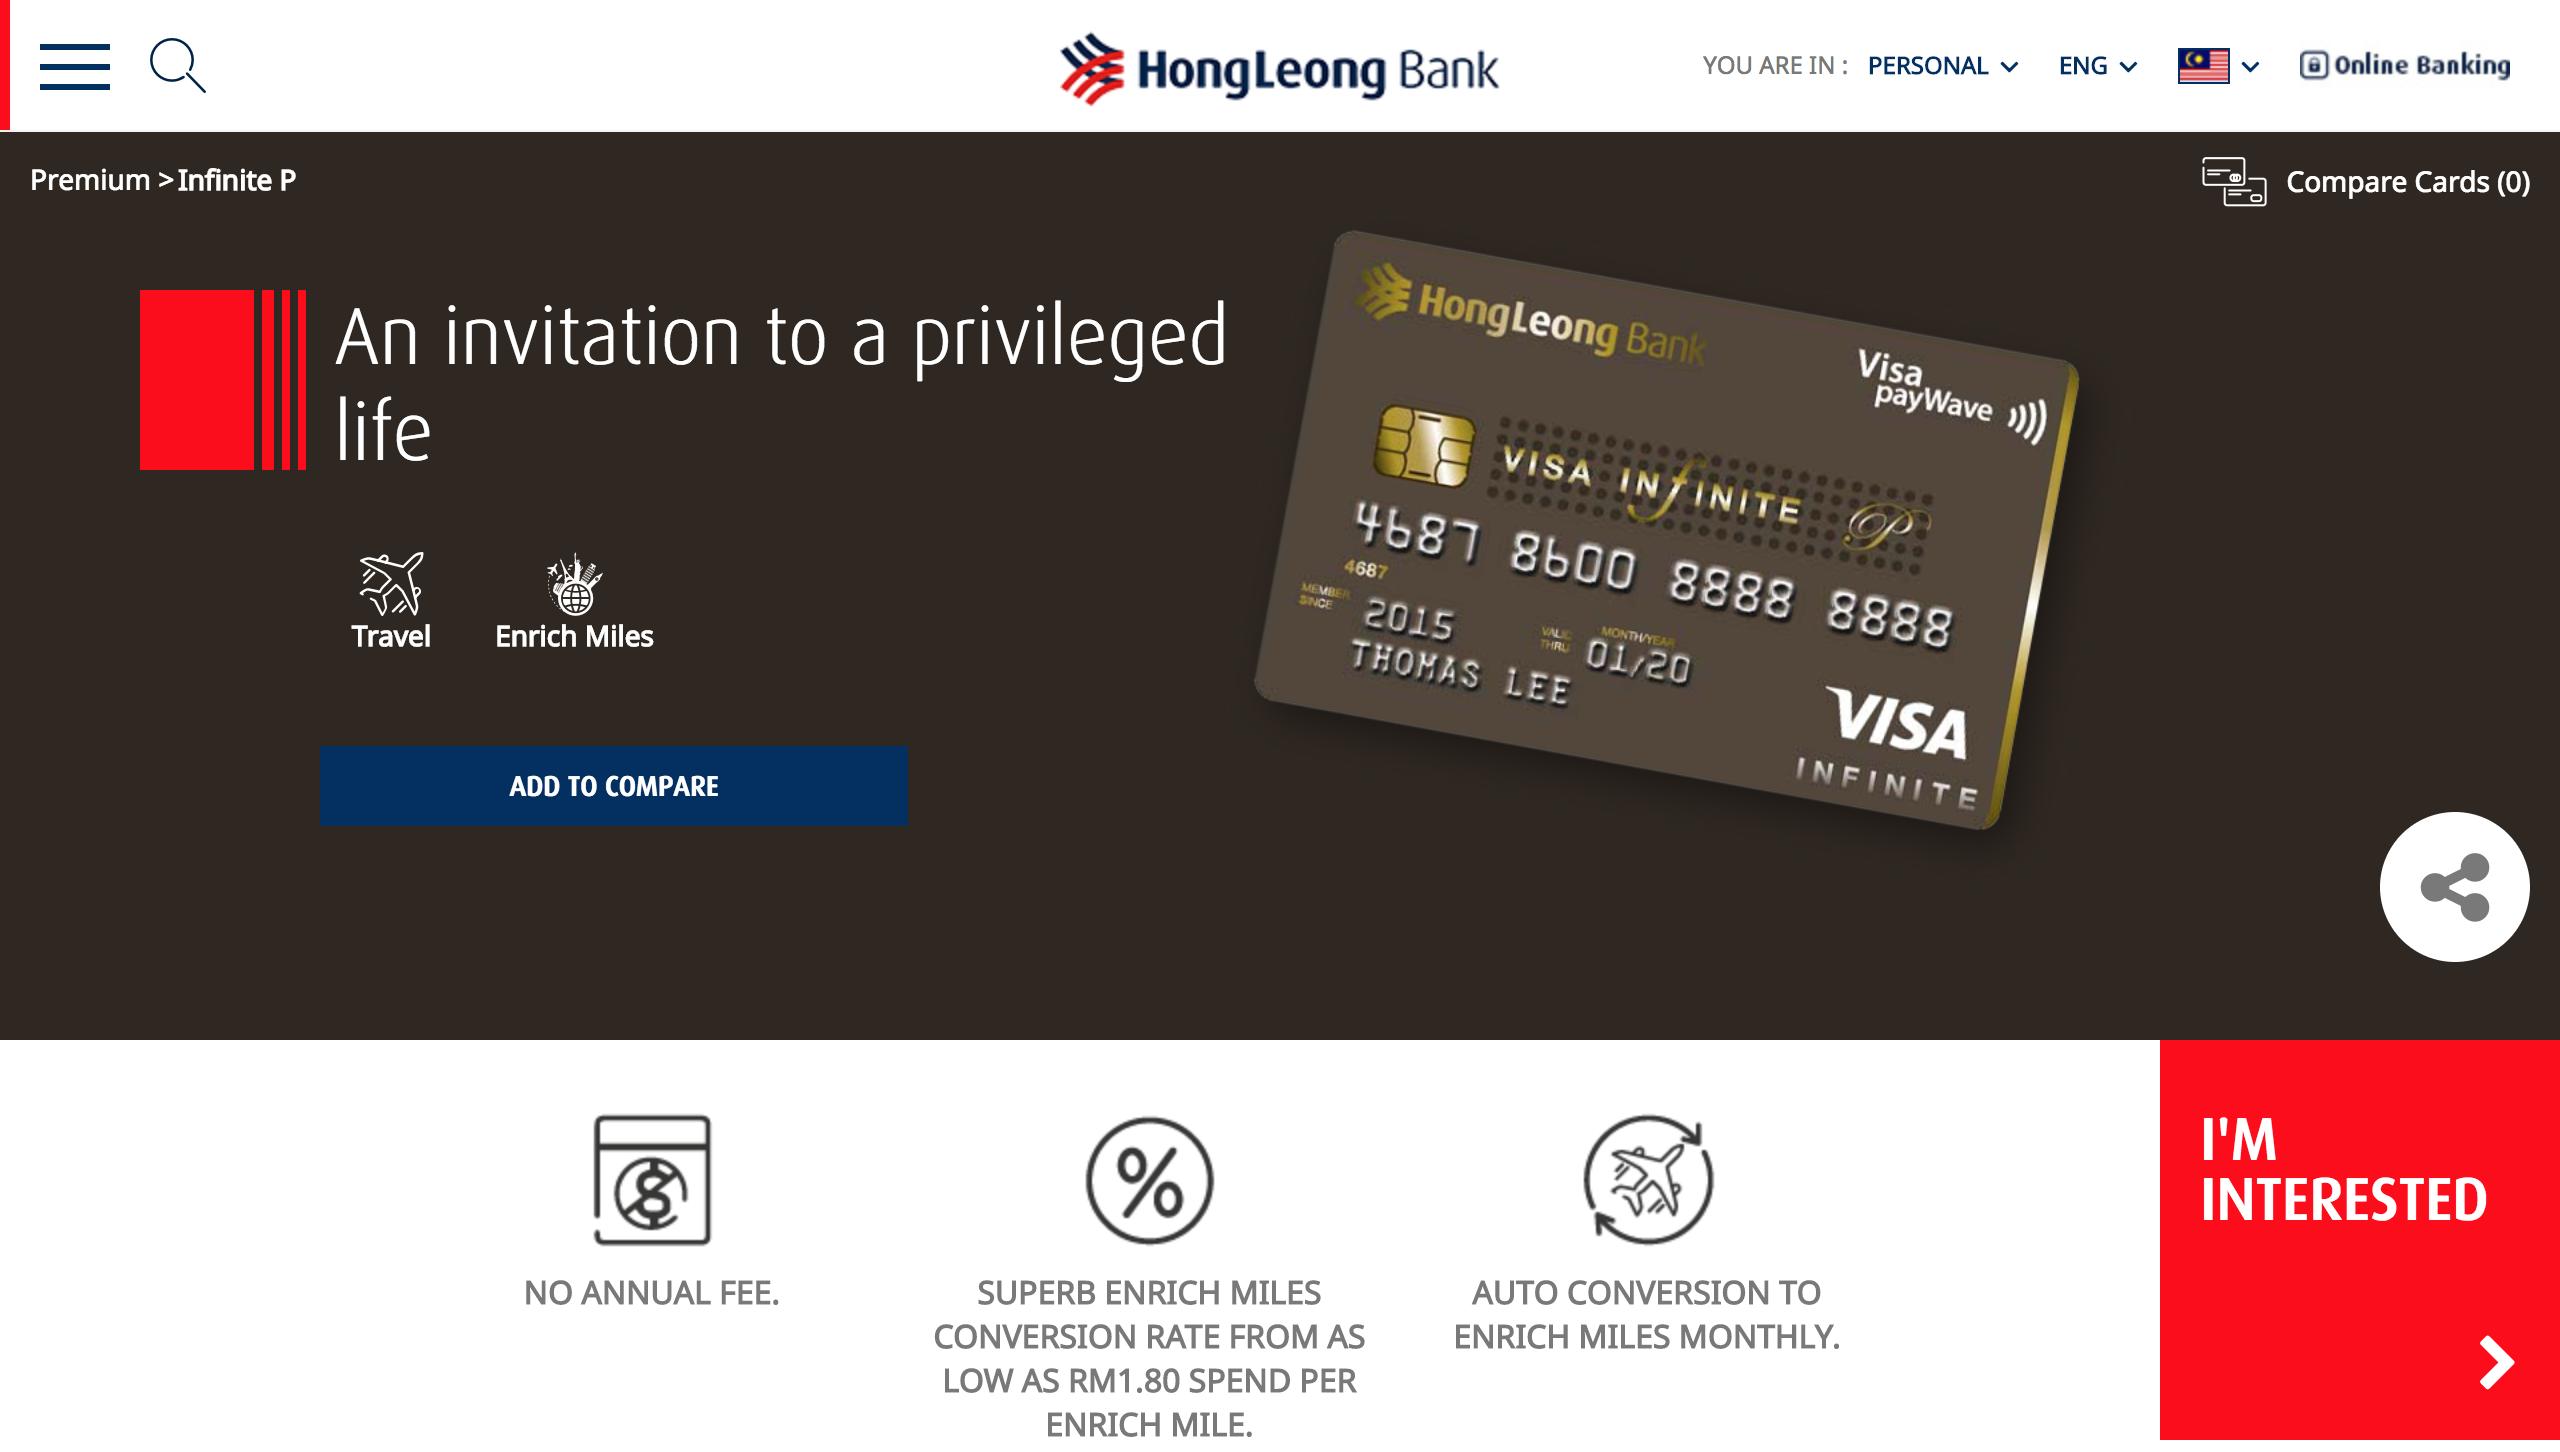 Hong Leong Bank Malaysia   Infinite P Credit Card